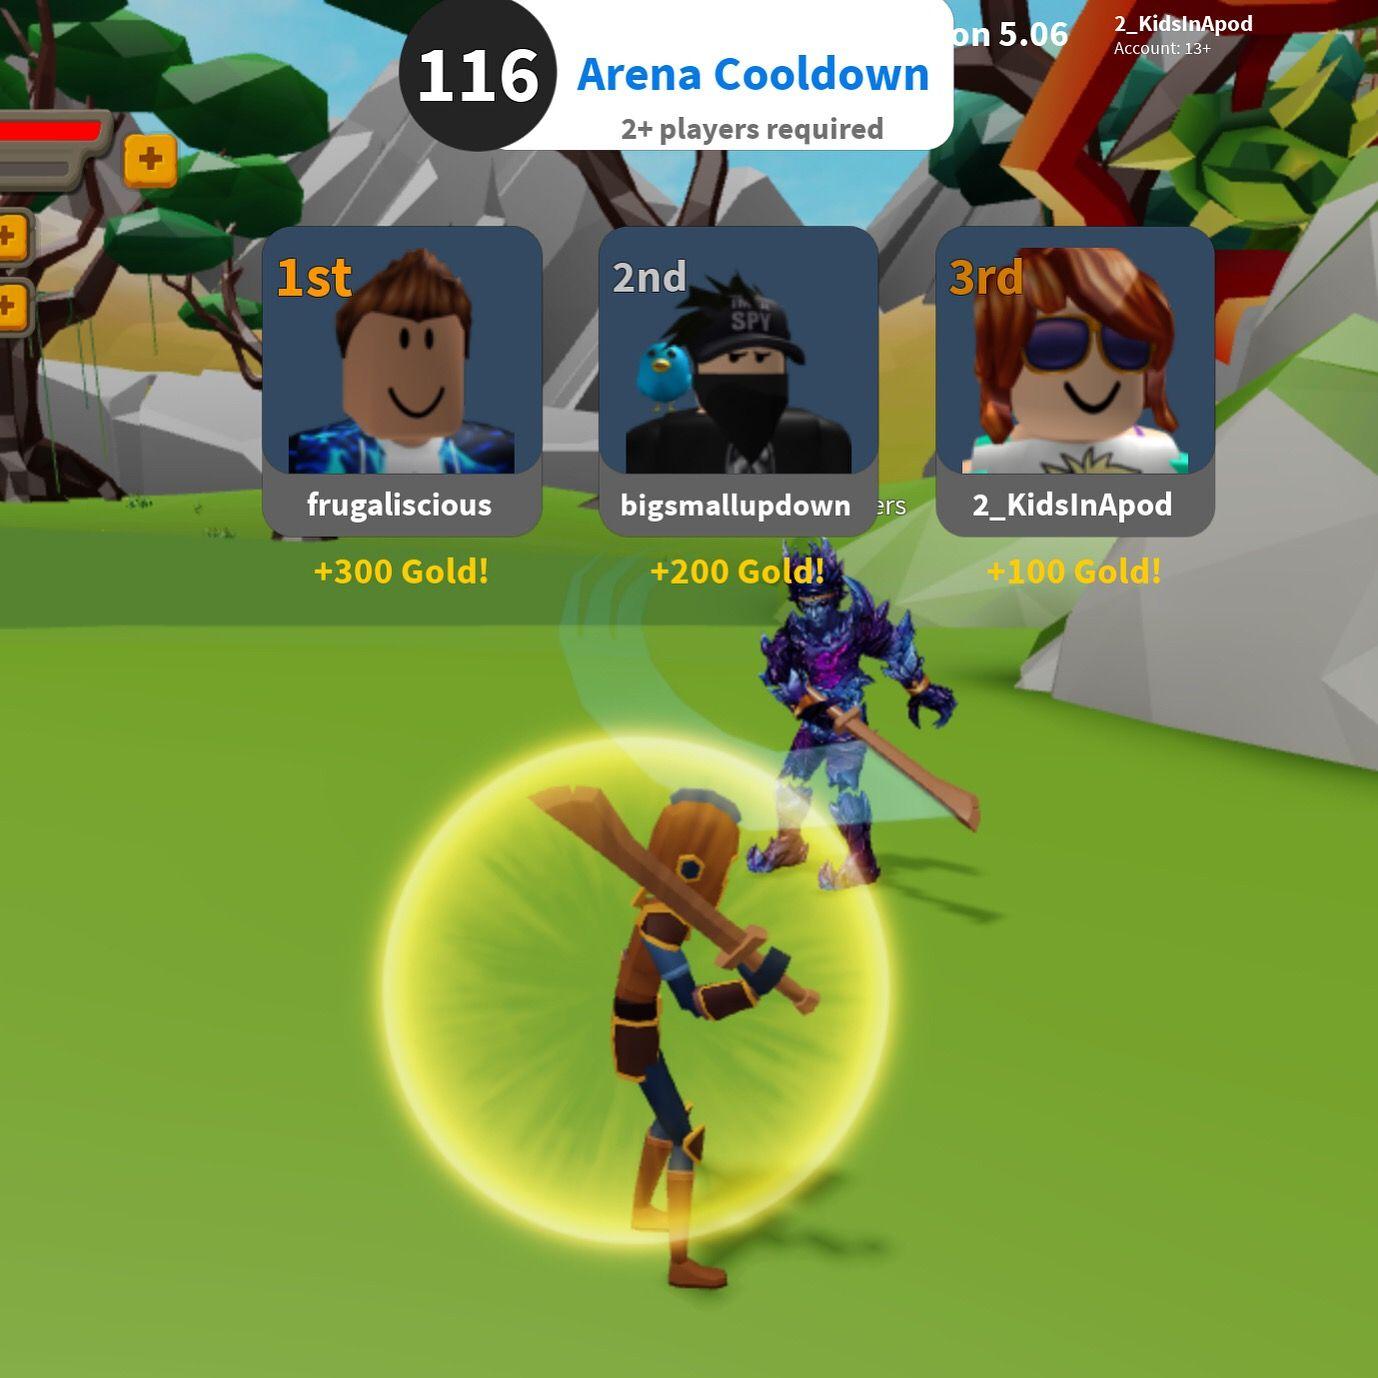 Roblox Treasure Hunt Simulator Roblox Apk Gameplay 2kidsinapod Giantsimulator Pinoygamer Streamer Twitch Gamer Robloxgamer New Free Codes Giant Simulator Arena By Mithrilga Roblox Game R Arena